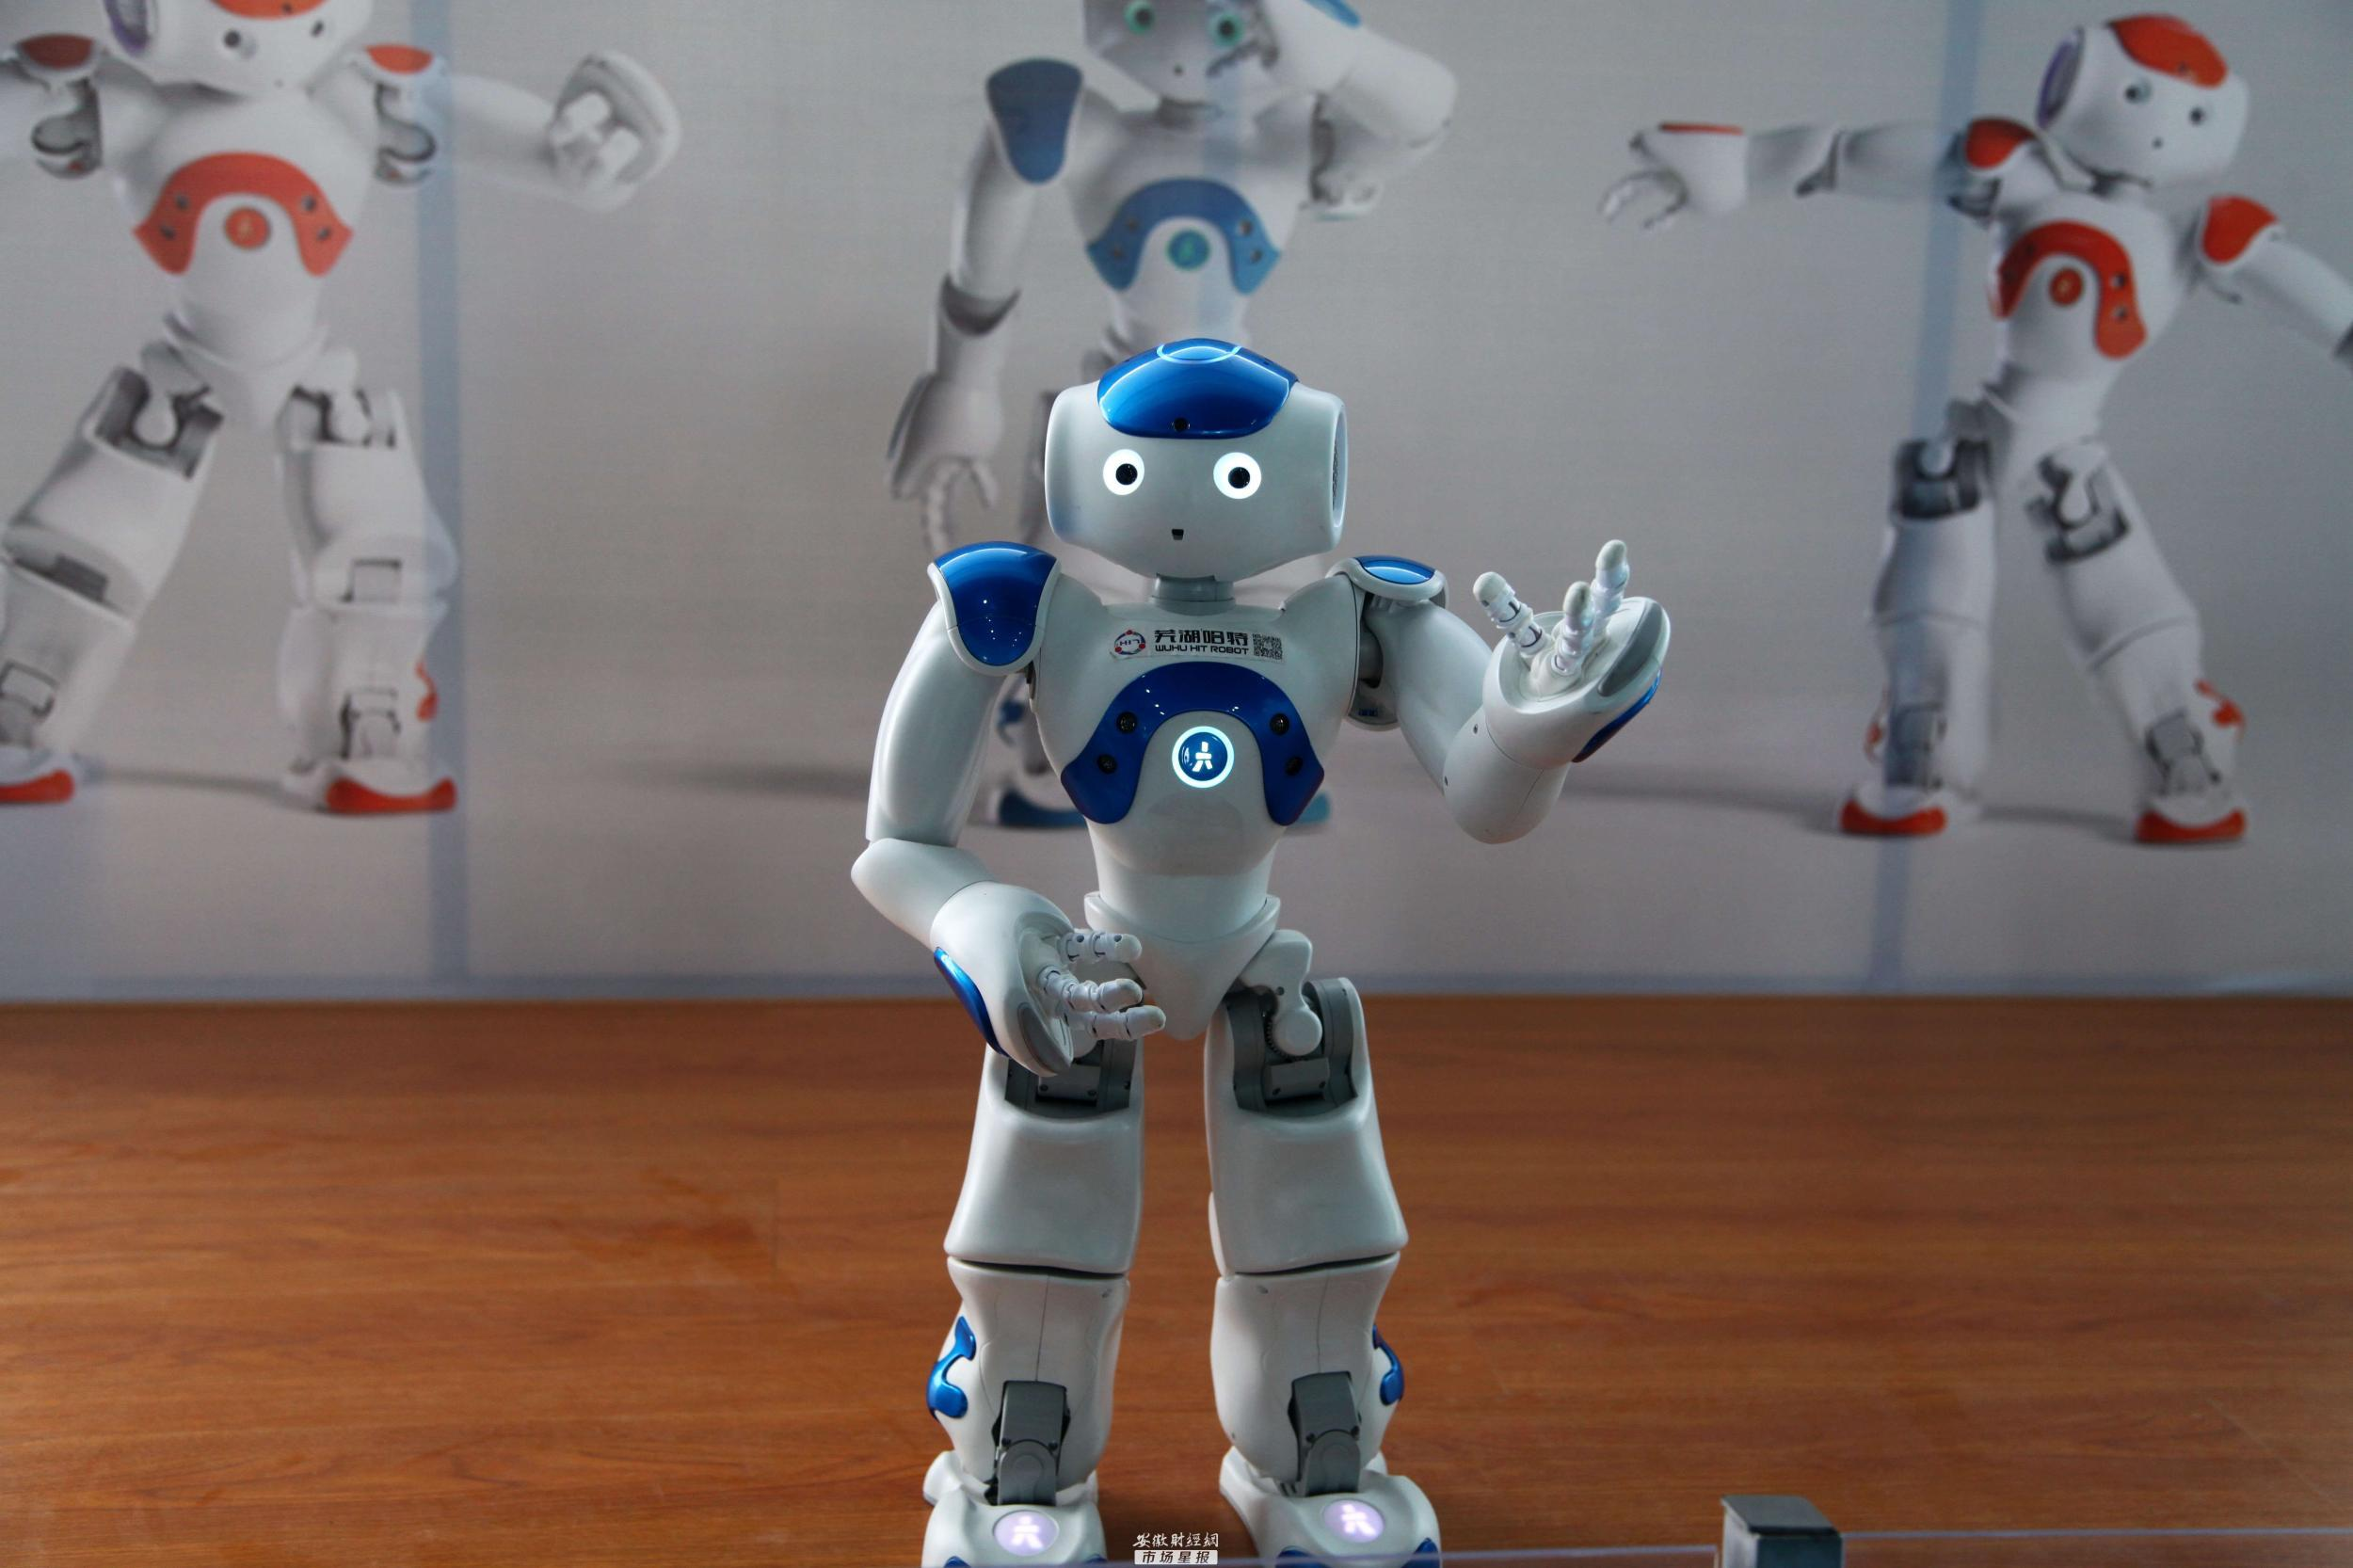 哈工大机器人_哈工大机器人